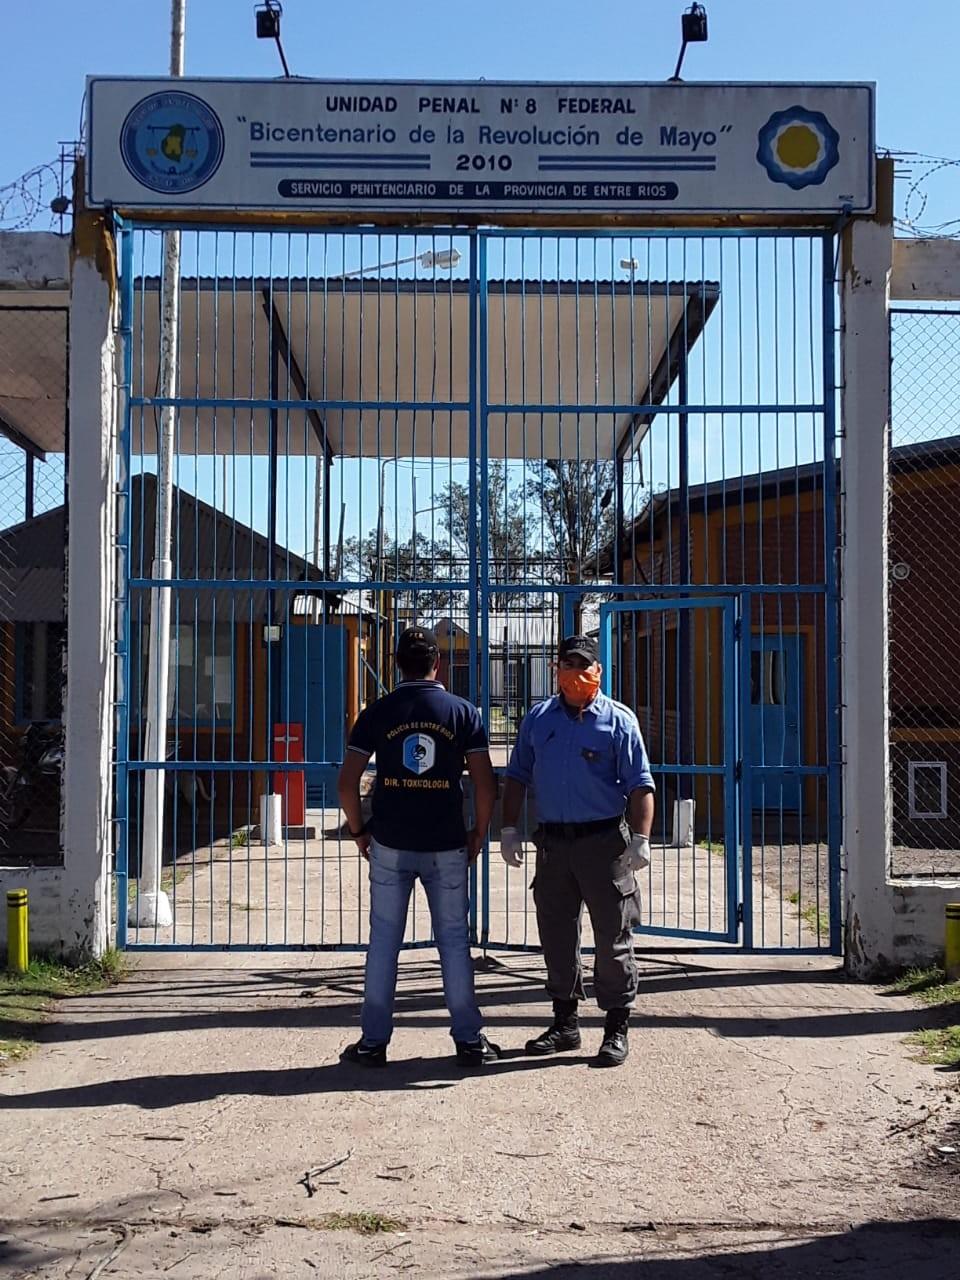 En una encomienda destinada a un interno , secuestran droga en el Penal de Federal